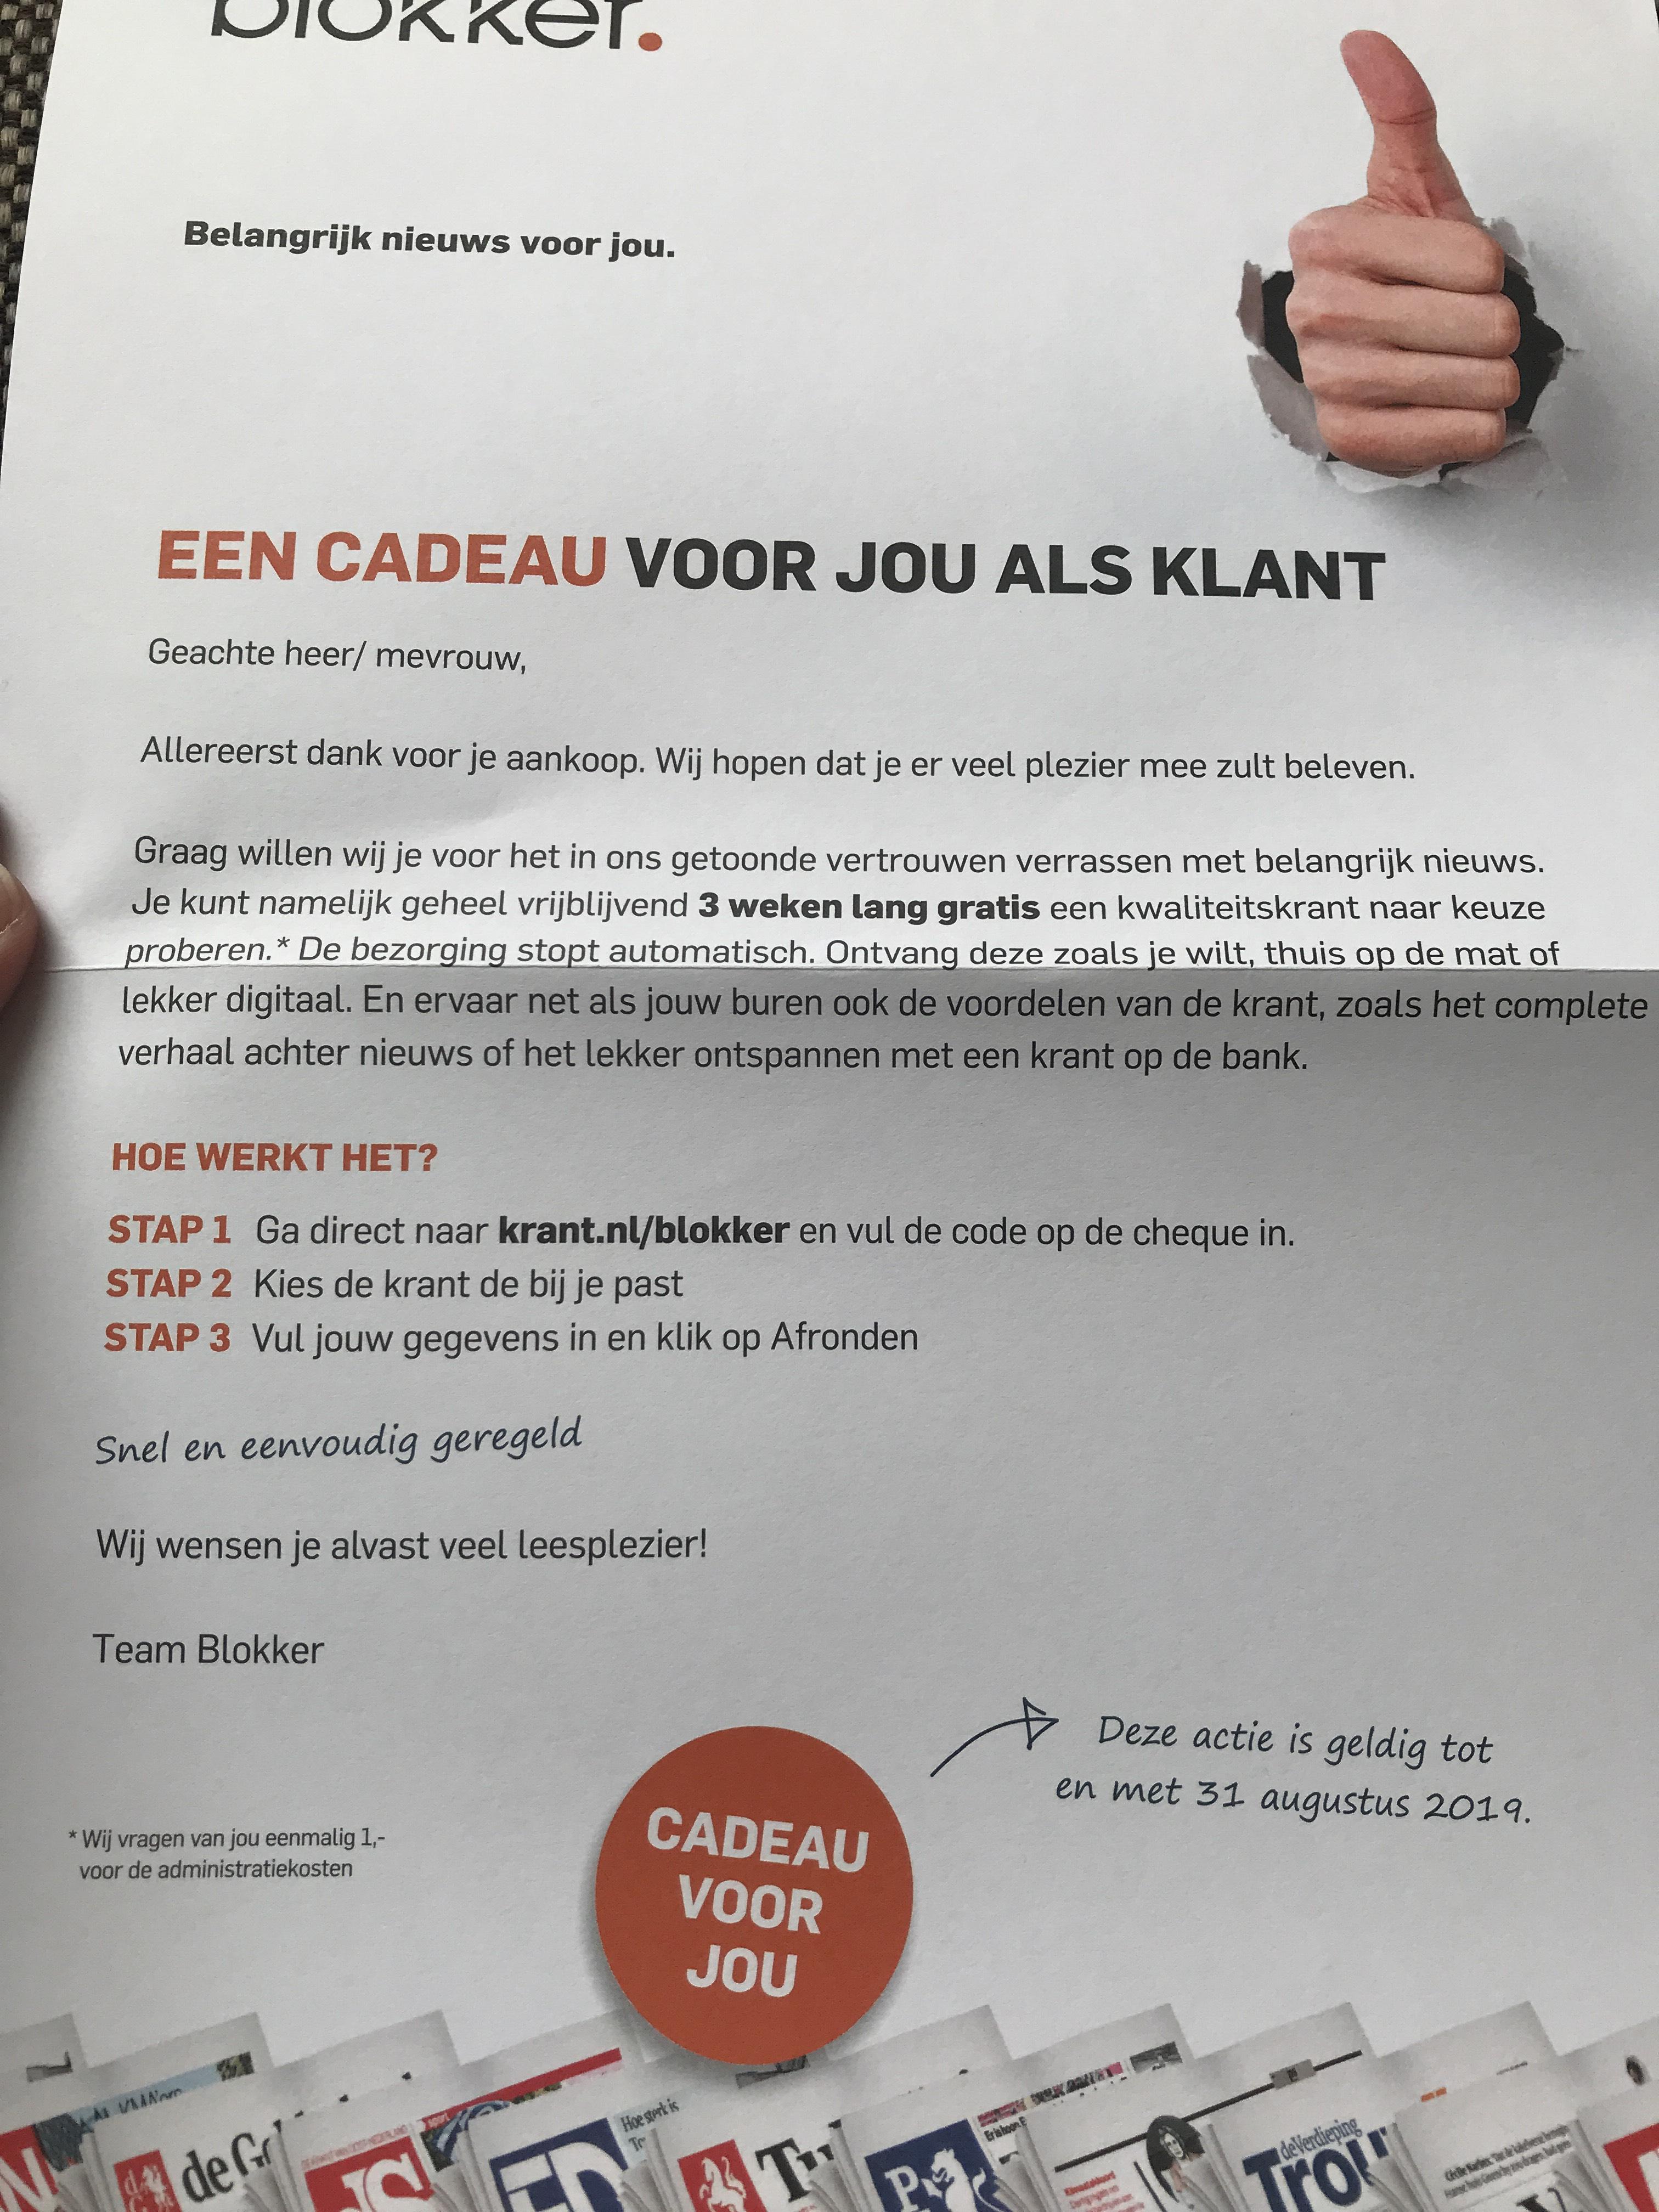 3 weken lang gratis (€1) een kwaliteitskrant naar keuze